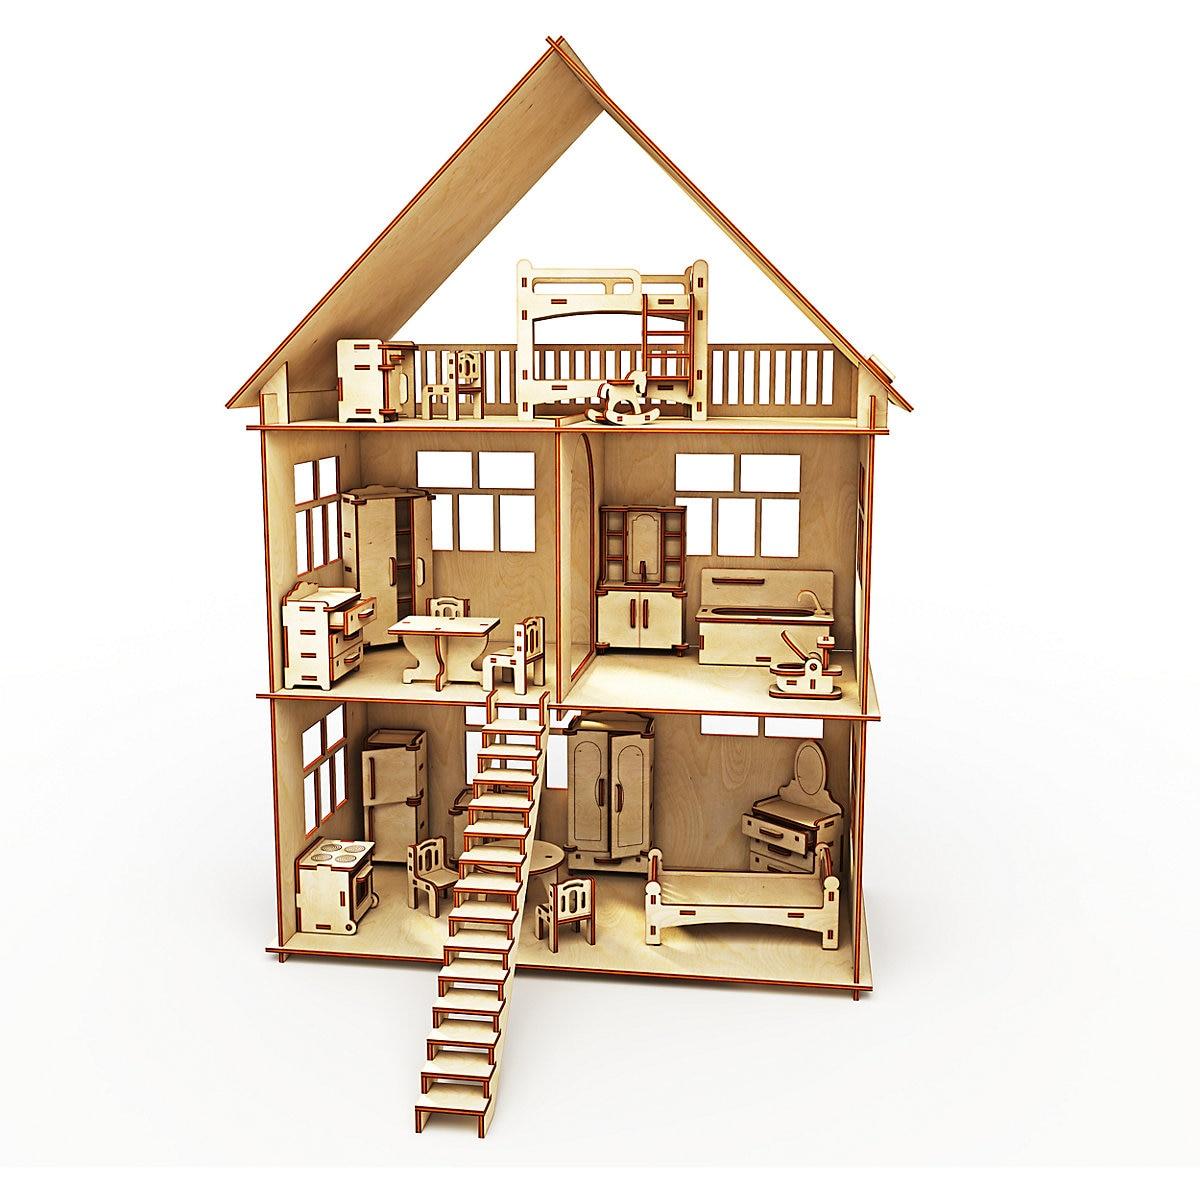 HAPPYDOM blocs d'interconnexion 7338239 concepteur de jouets en bois pour enfants fille garçon jeu jouets